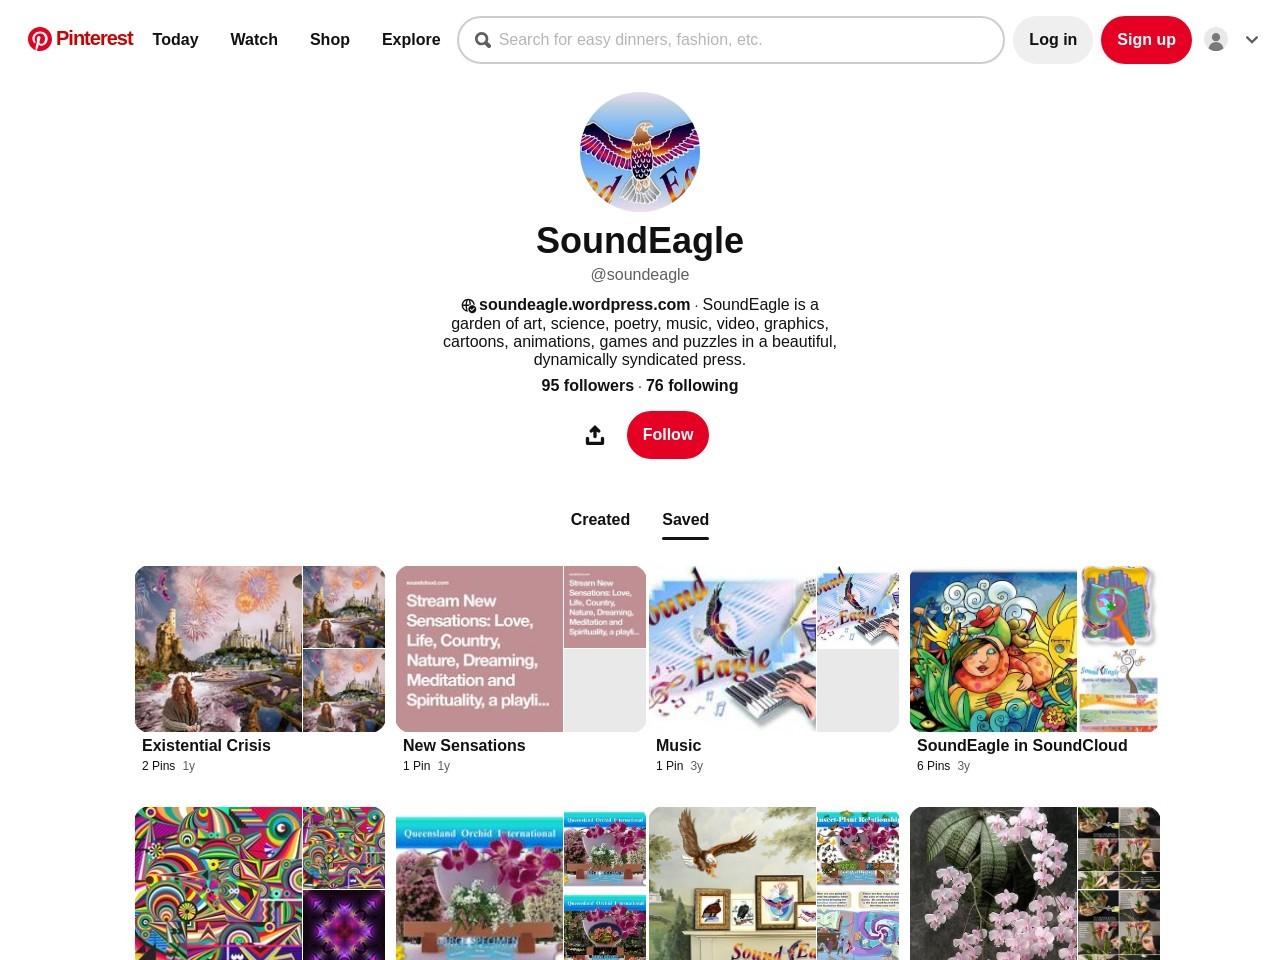 SoundEagle on Pinterest